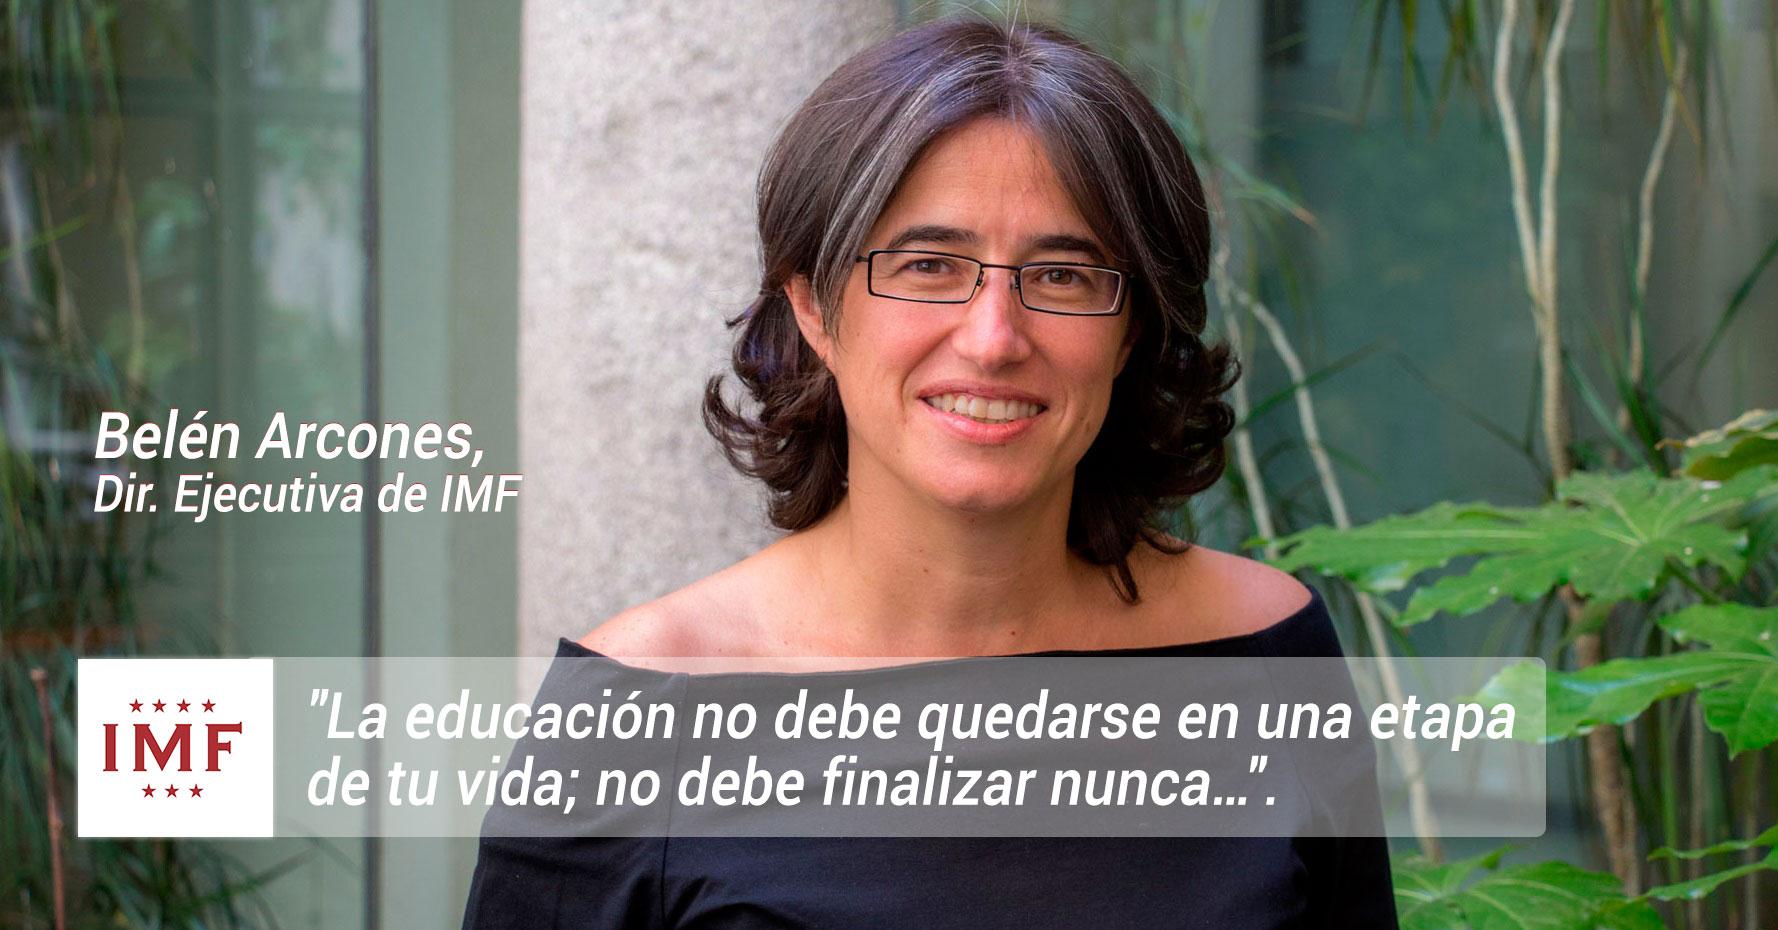 Entrevista a Belén Arcones de IMF. Habla sobre empleo y formación